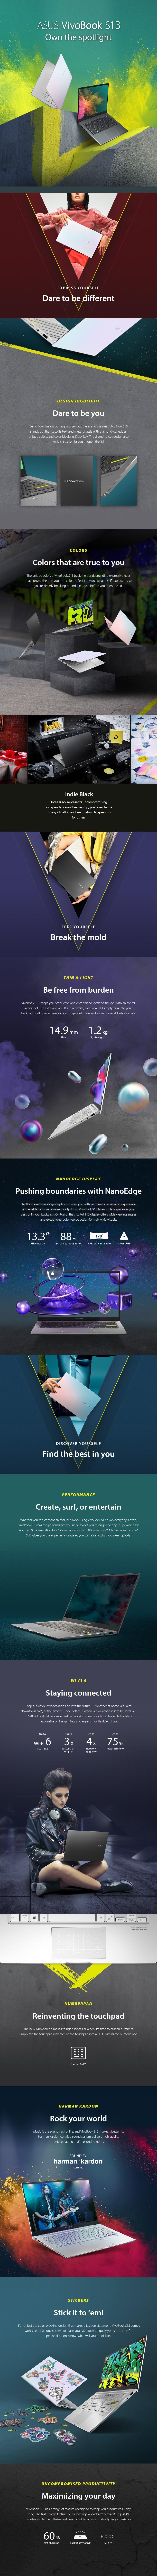 asus-vivobook-s13-s333jp-133-laptop-i51035g1-8gb-512gb-mx330-w10p-ac33625-10.jpg